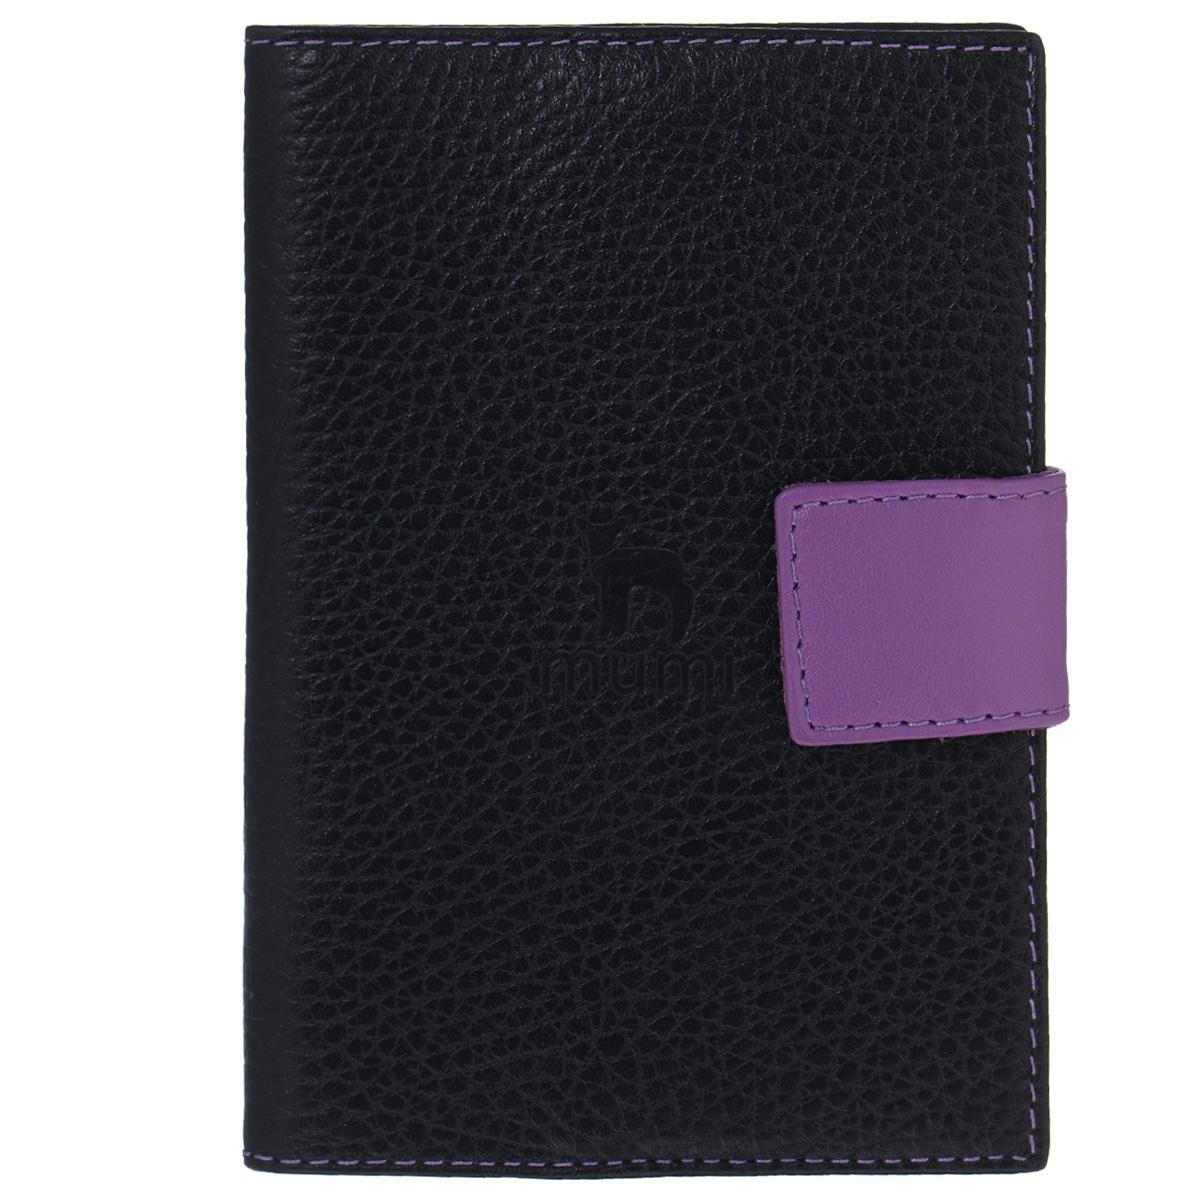 Обложка для паспорта Dimanche Mumi, цвет: черный, фиолетовый. 050050Изысканная обложка для паспорта Dimanche Mumi изготовлена из высококачественной натуральной кожи и декорирована фактурным тиснением. Изделие закрывается хлястиком на кнопку. Внутри обложка отделана полиэстером и содержит три боковых кармана, которые надежно зафиксируют ваш документ. Изделие упаковано в пластиковый чехол. Модная обложка для паспорта не только поможет сохранить внешний вид вашего документа и защитить его от повреждений, но и станет стильным аксессуаром, который прекрасно дополнит ваш образ.